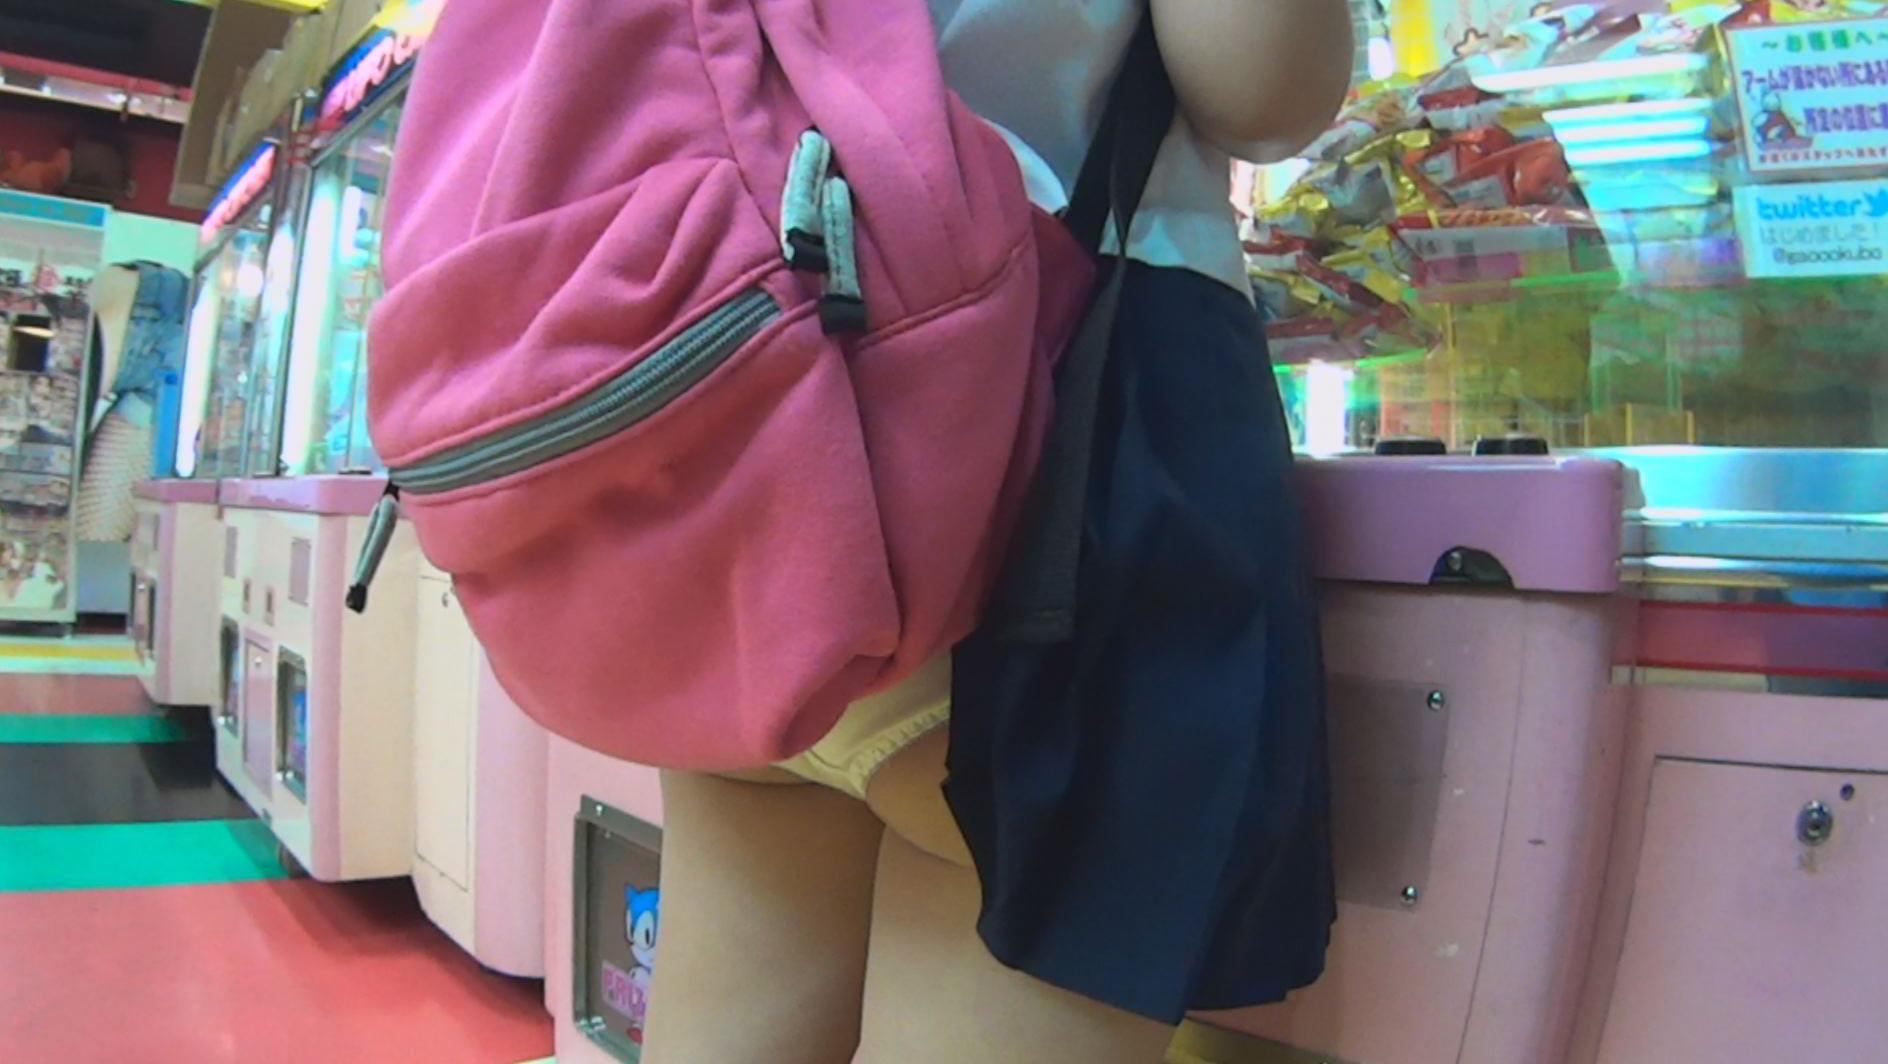 うっかりパンモロ娘 カバンやパンストにスカート引っ掛けちゃったおっちょこちょいな女の子たち 画像3